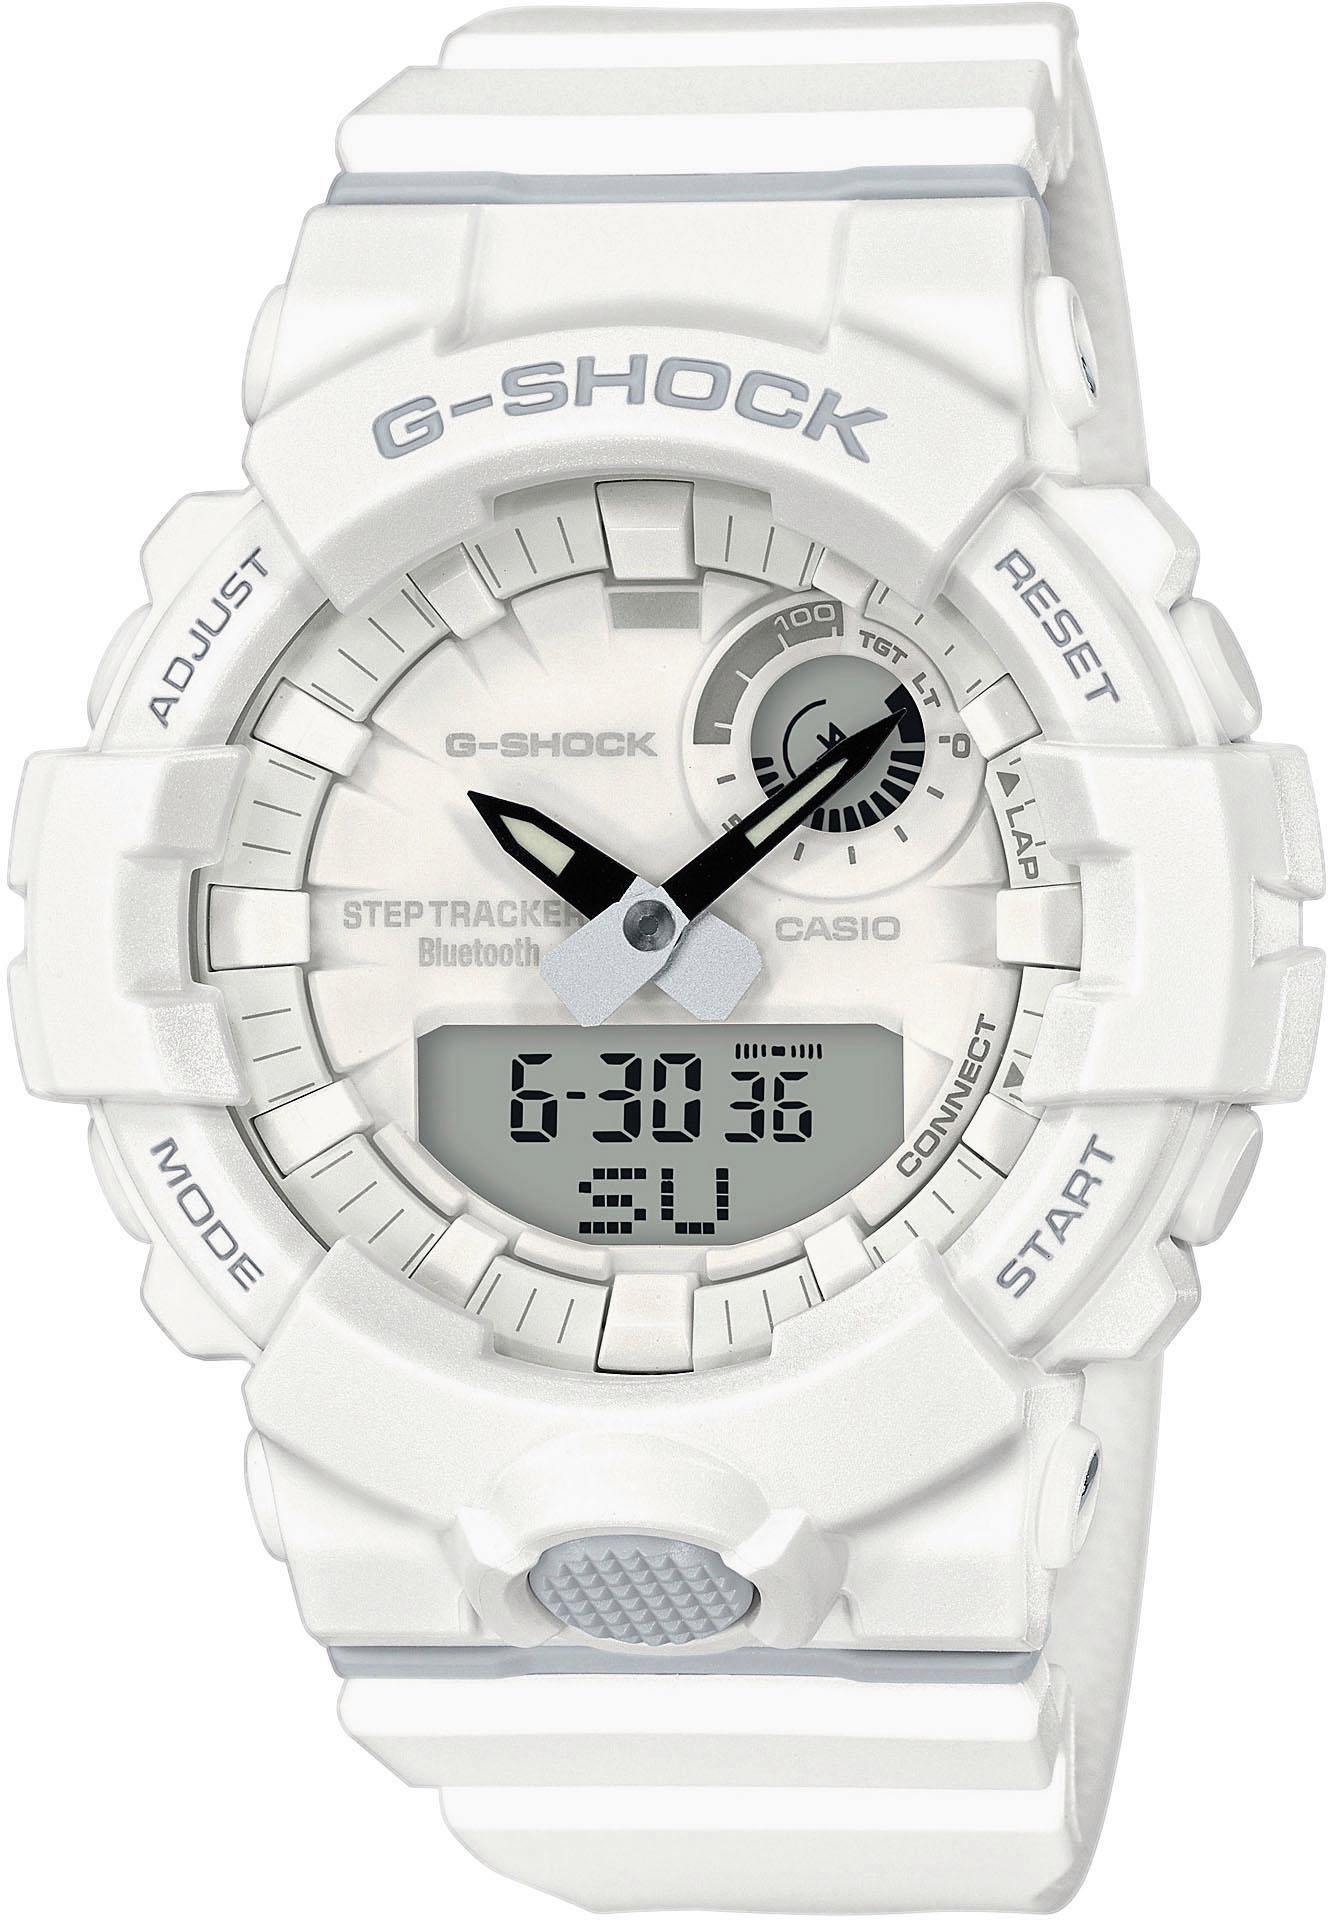 CASIO G-SHOCK GBA-800-7AER Smartwatch | Uhren > Smartwatches | Weiß | Casio G-Shock